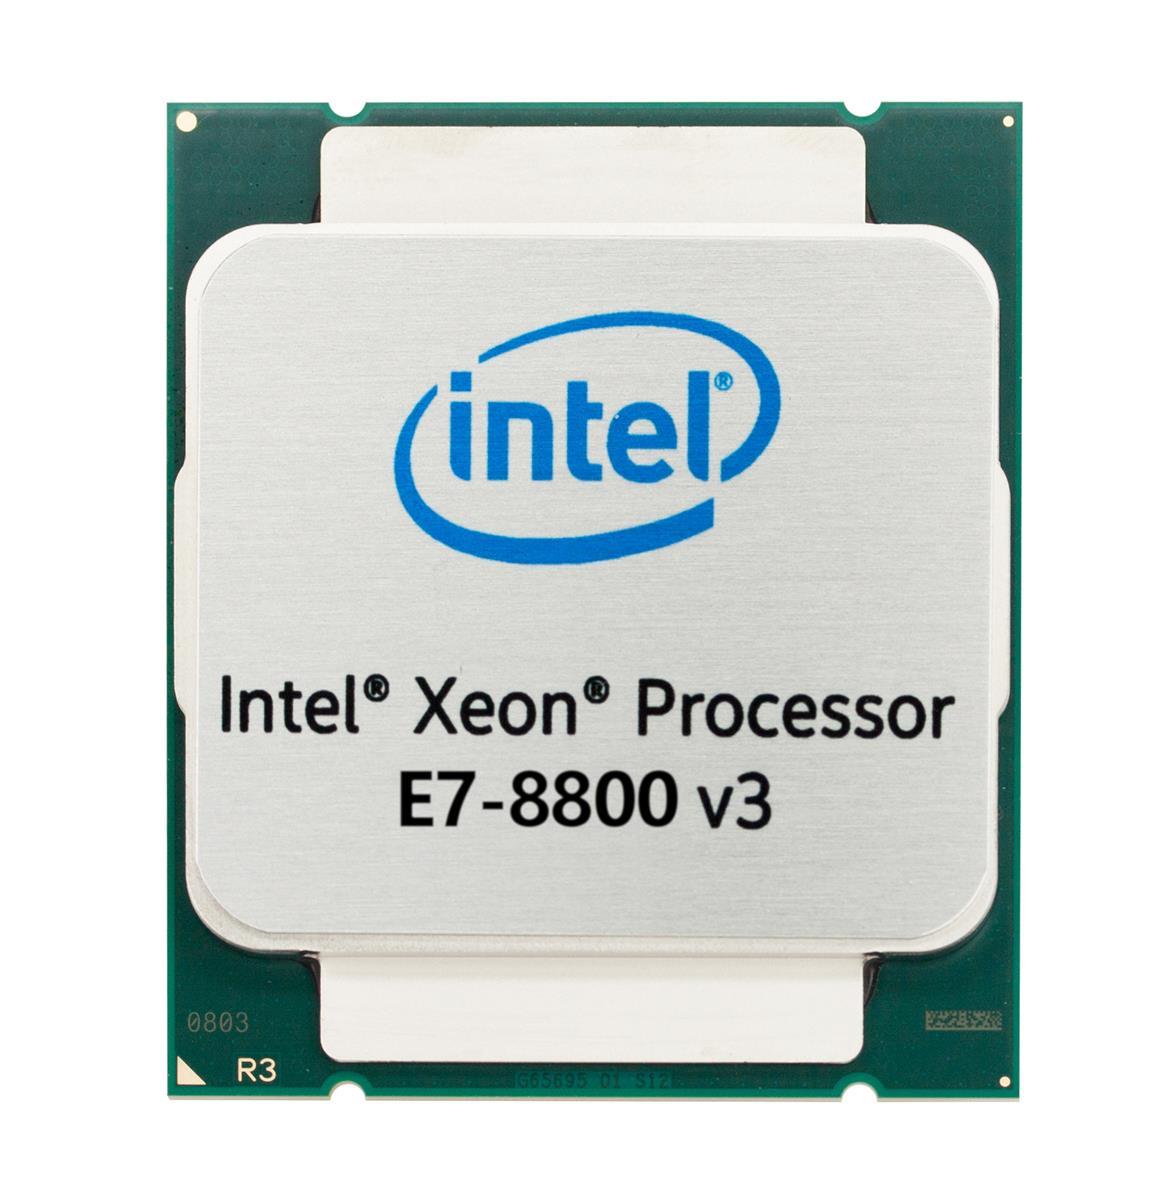 Intel Xeon E7-8860 v3 16 Core 2.20GHz 9.60GT/s QPI 40MB L3 Cache Socket 2011-1 Processor Mfr P/N CM8064502017900